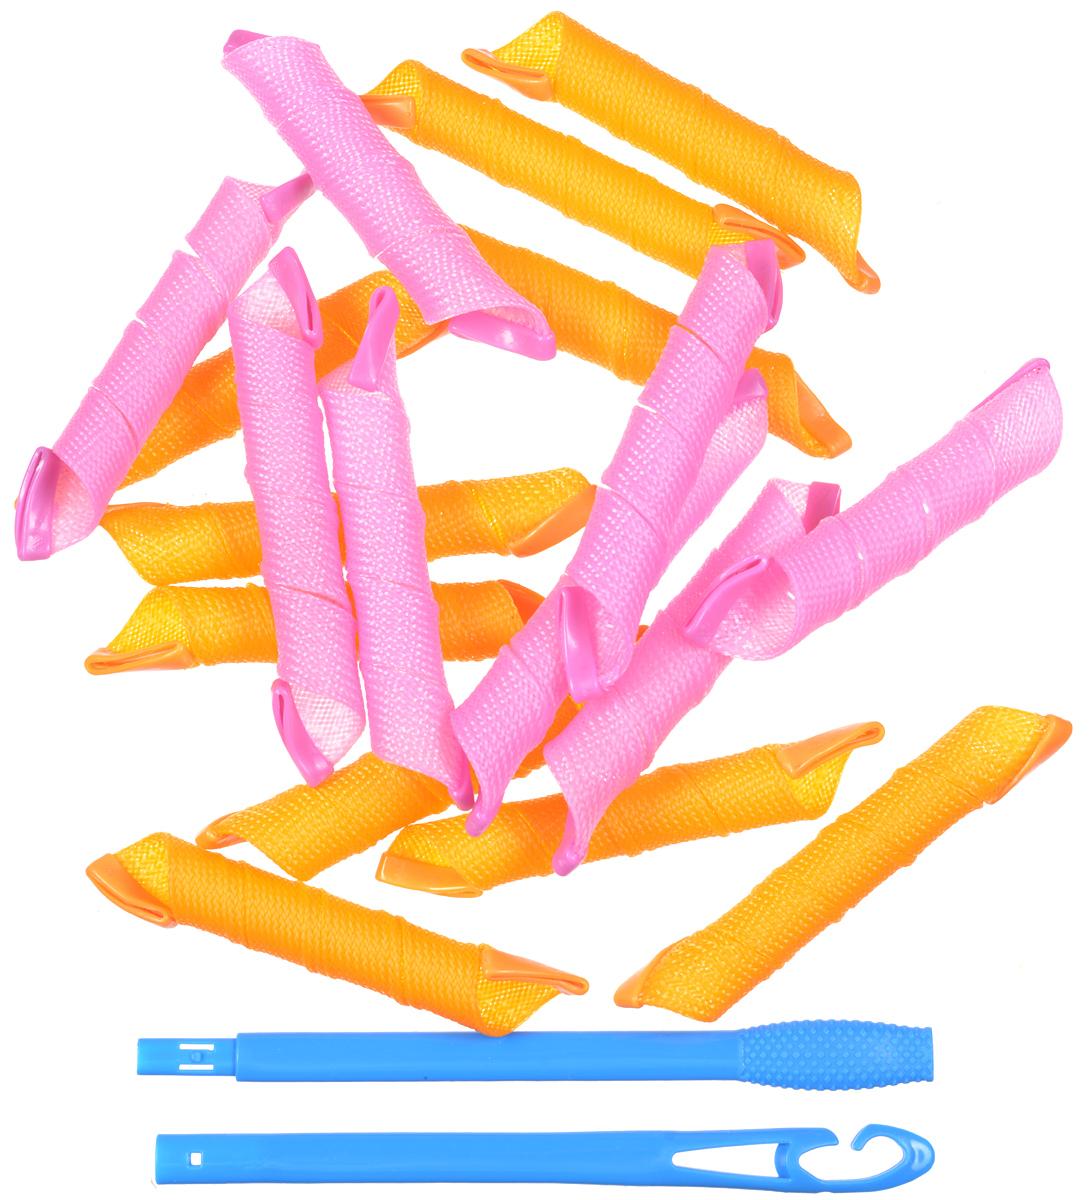 Magic Leverag Бигуди средние широкие, 18 х 29 смСр29Набор бигуди Magic Leverag является простым и легким способом всегда выглядеть безупречно стильно! Предназначен для создания мелких кудряшек, локонов и волн, а также придания дополнительного объема. Бигуди произведены из мягкого материала, и в них можно спать. Magic Leverag выполнены из мягкого пластика с силиконовыми наконечниками, что позволяет им служить долго, подходят для кончиков и на длинные волосы, а также на каскадную стрижку. Ваша прическа зависит только от вашей фантазии и настроения! Преимущества волшебных бигуди Magic Leverag: Создают большой объем. Удобны и легки в использовании. Справится даже ребенок! Подходят как для коротких, так и для длинных волос. Позволяют легко контролировать направление и равномерность укладки без заломов. Обеспечивают бережное отношение к волосам. Смена имиджа за час. Процесс накручивания бигуди Magic Leverag никогда не утомит вас. Экономия времени и денег...